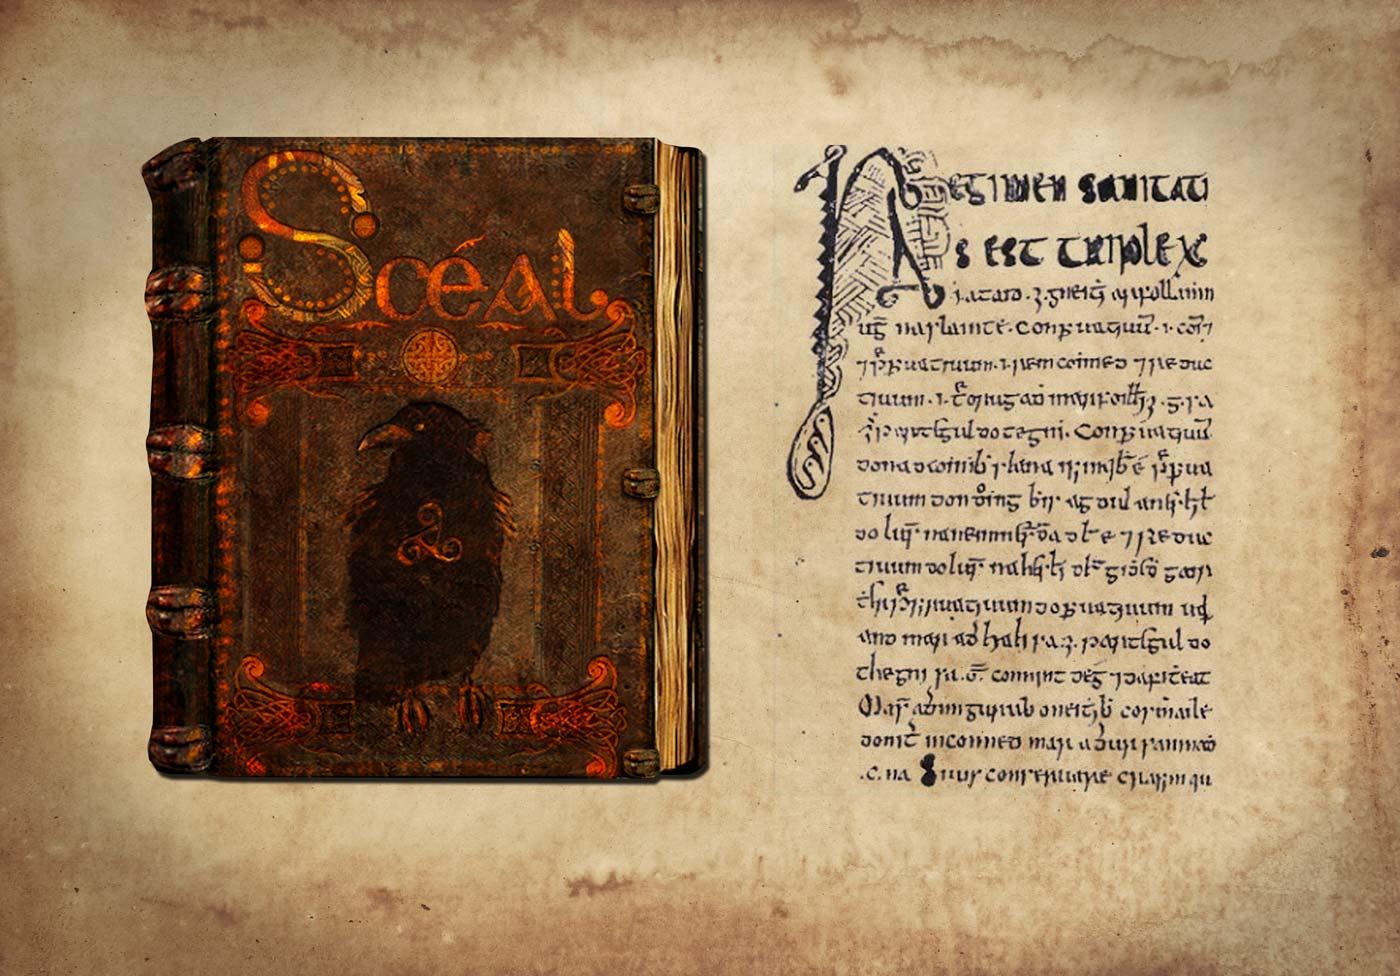 SCEAL-WONDREW-COLOR-05